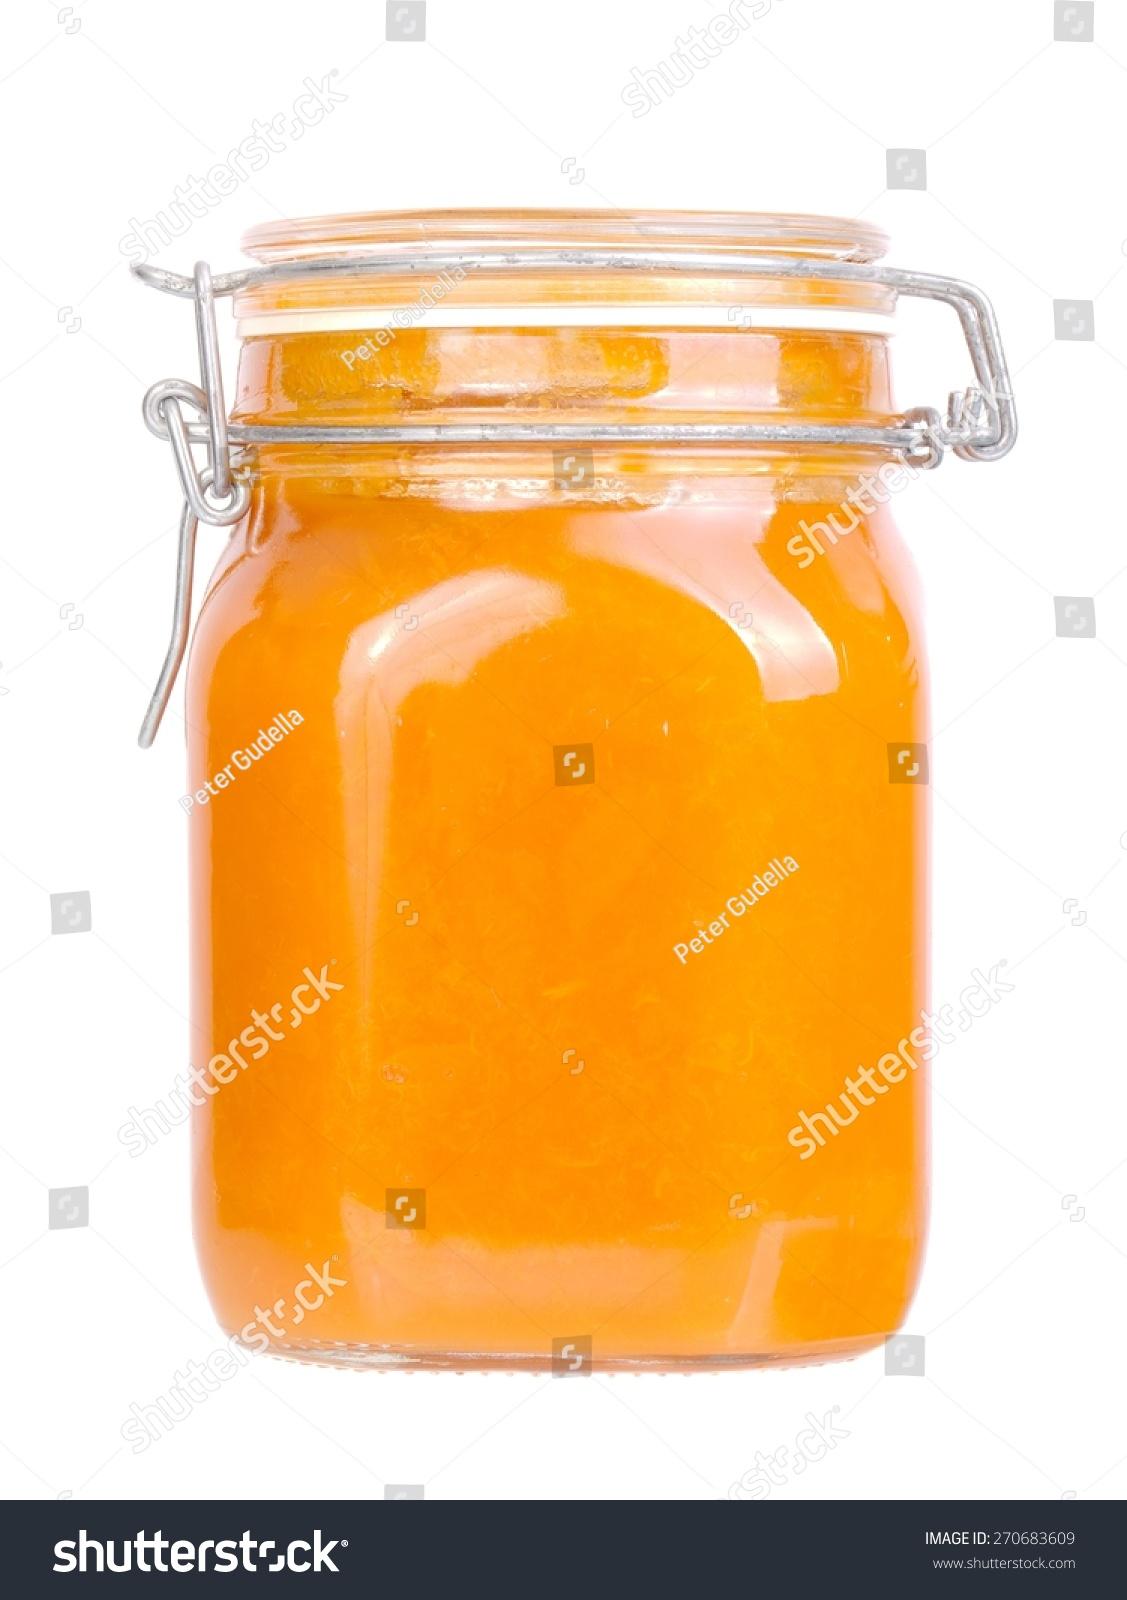 罐果酱架子上-食品及饮料,物体-海洛创意(hellorf)--.图片